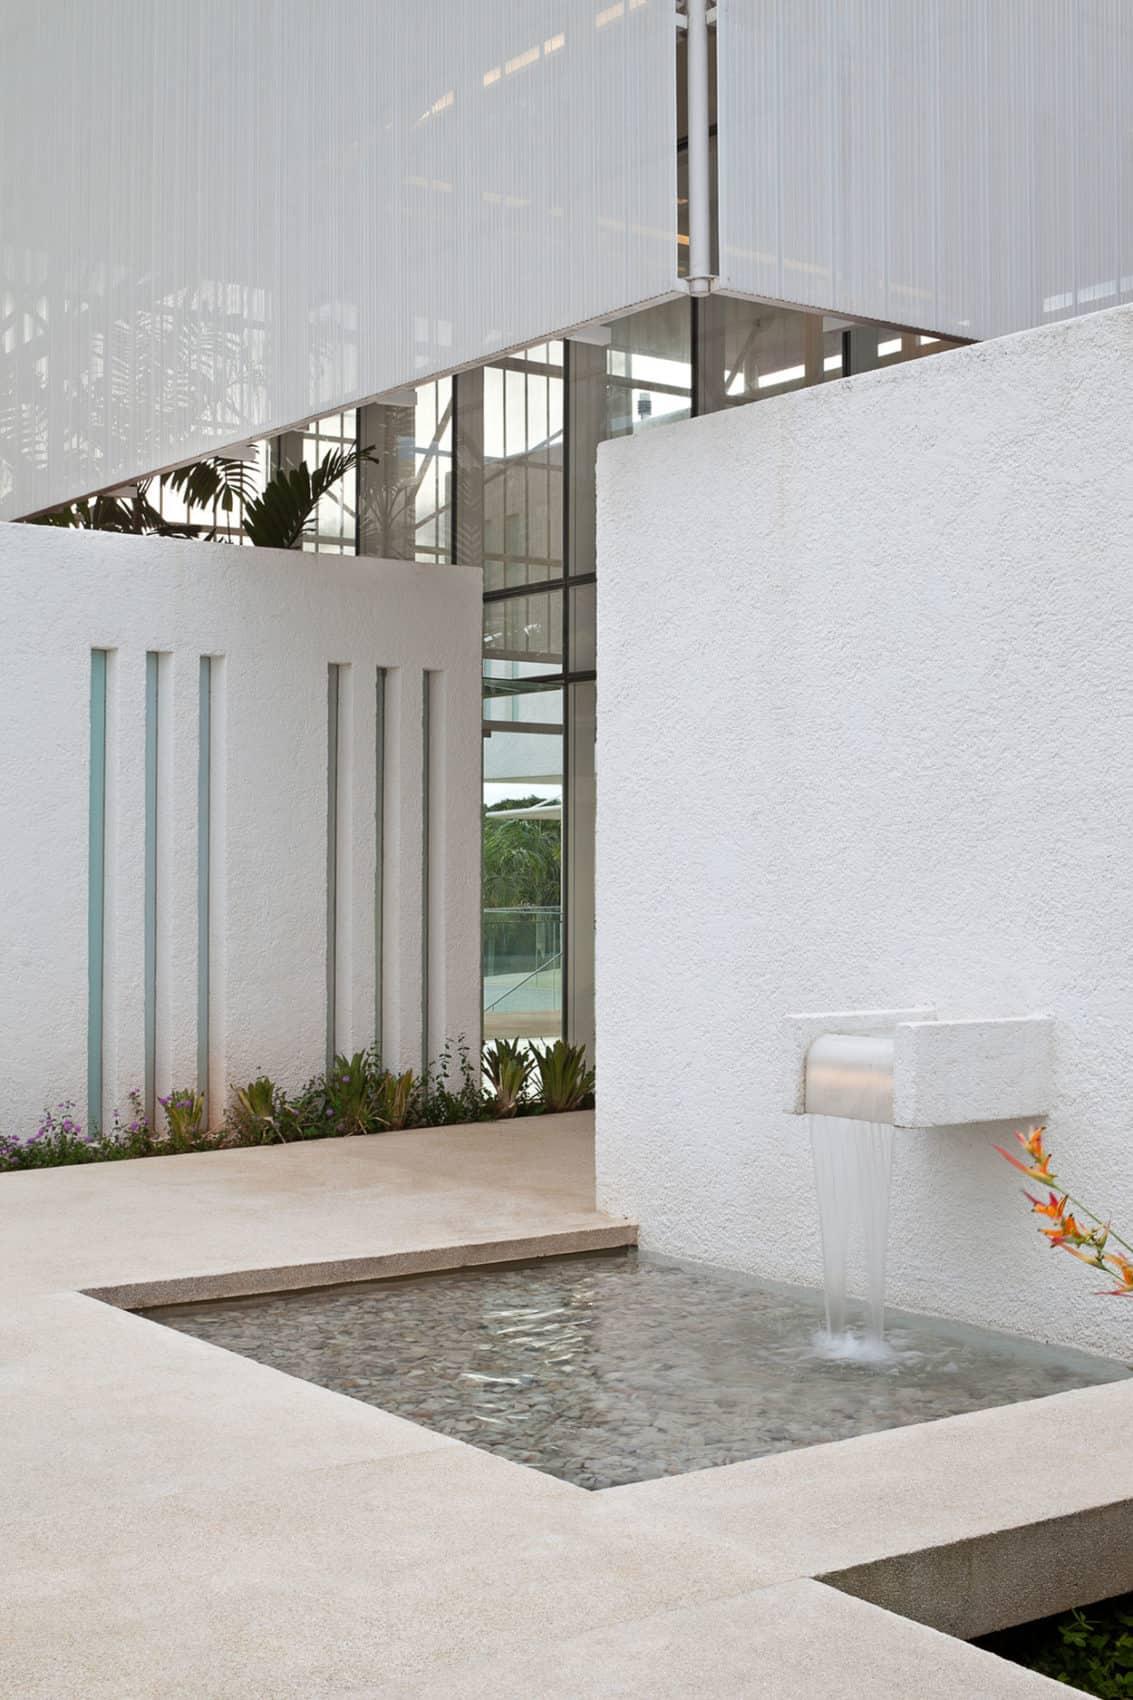 House in Lago Sul QI 25 by Sérgio Parada Arquitetos (4)